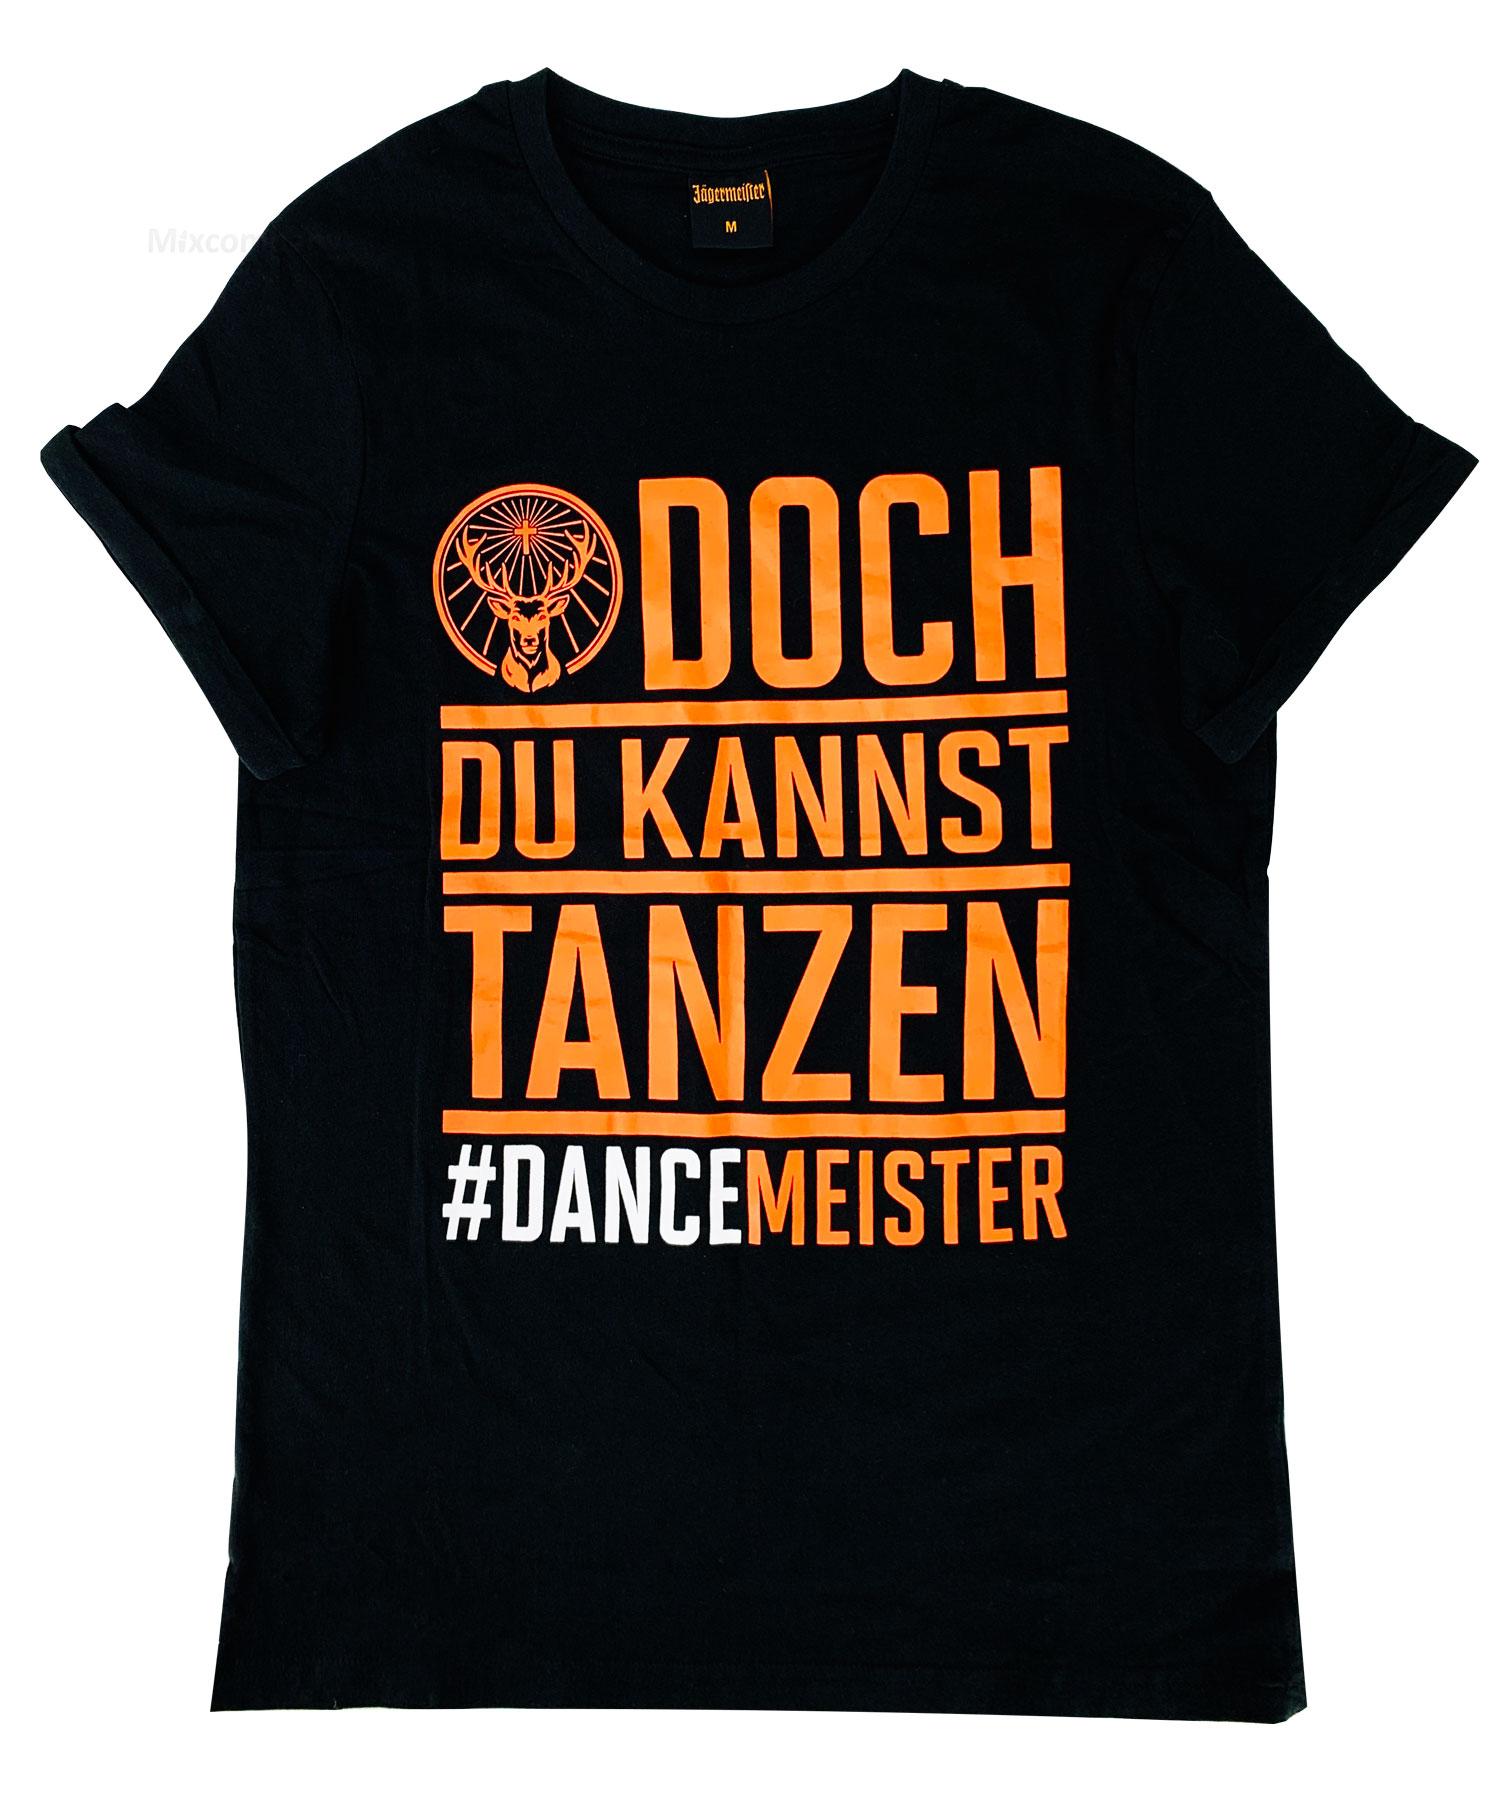 Jägermeister Herren Men T-Shirt schwarz - Größe S (Material Baumwolle)